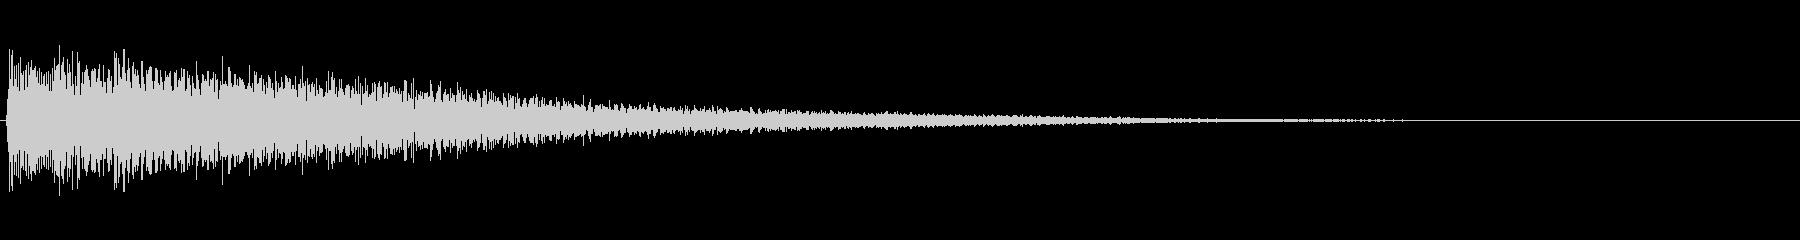 シンプルなピアノ効果音 シャラーンの未再生の波形